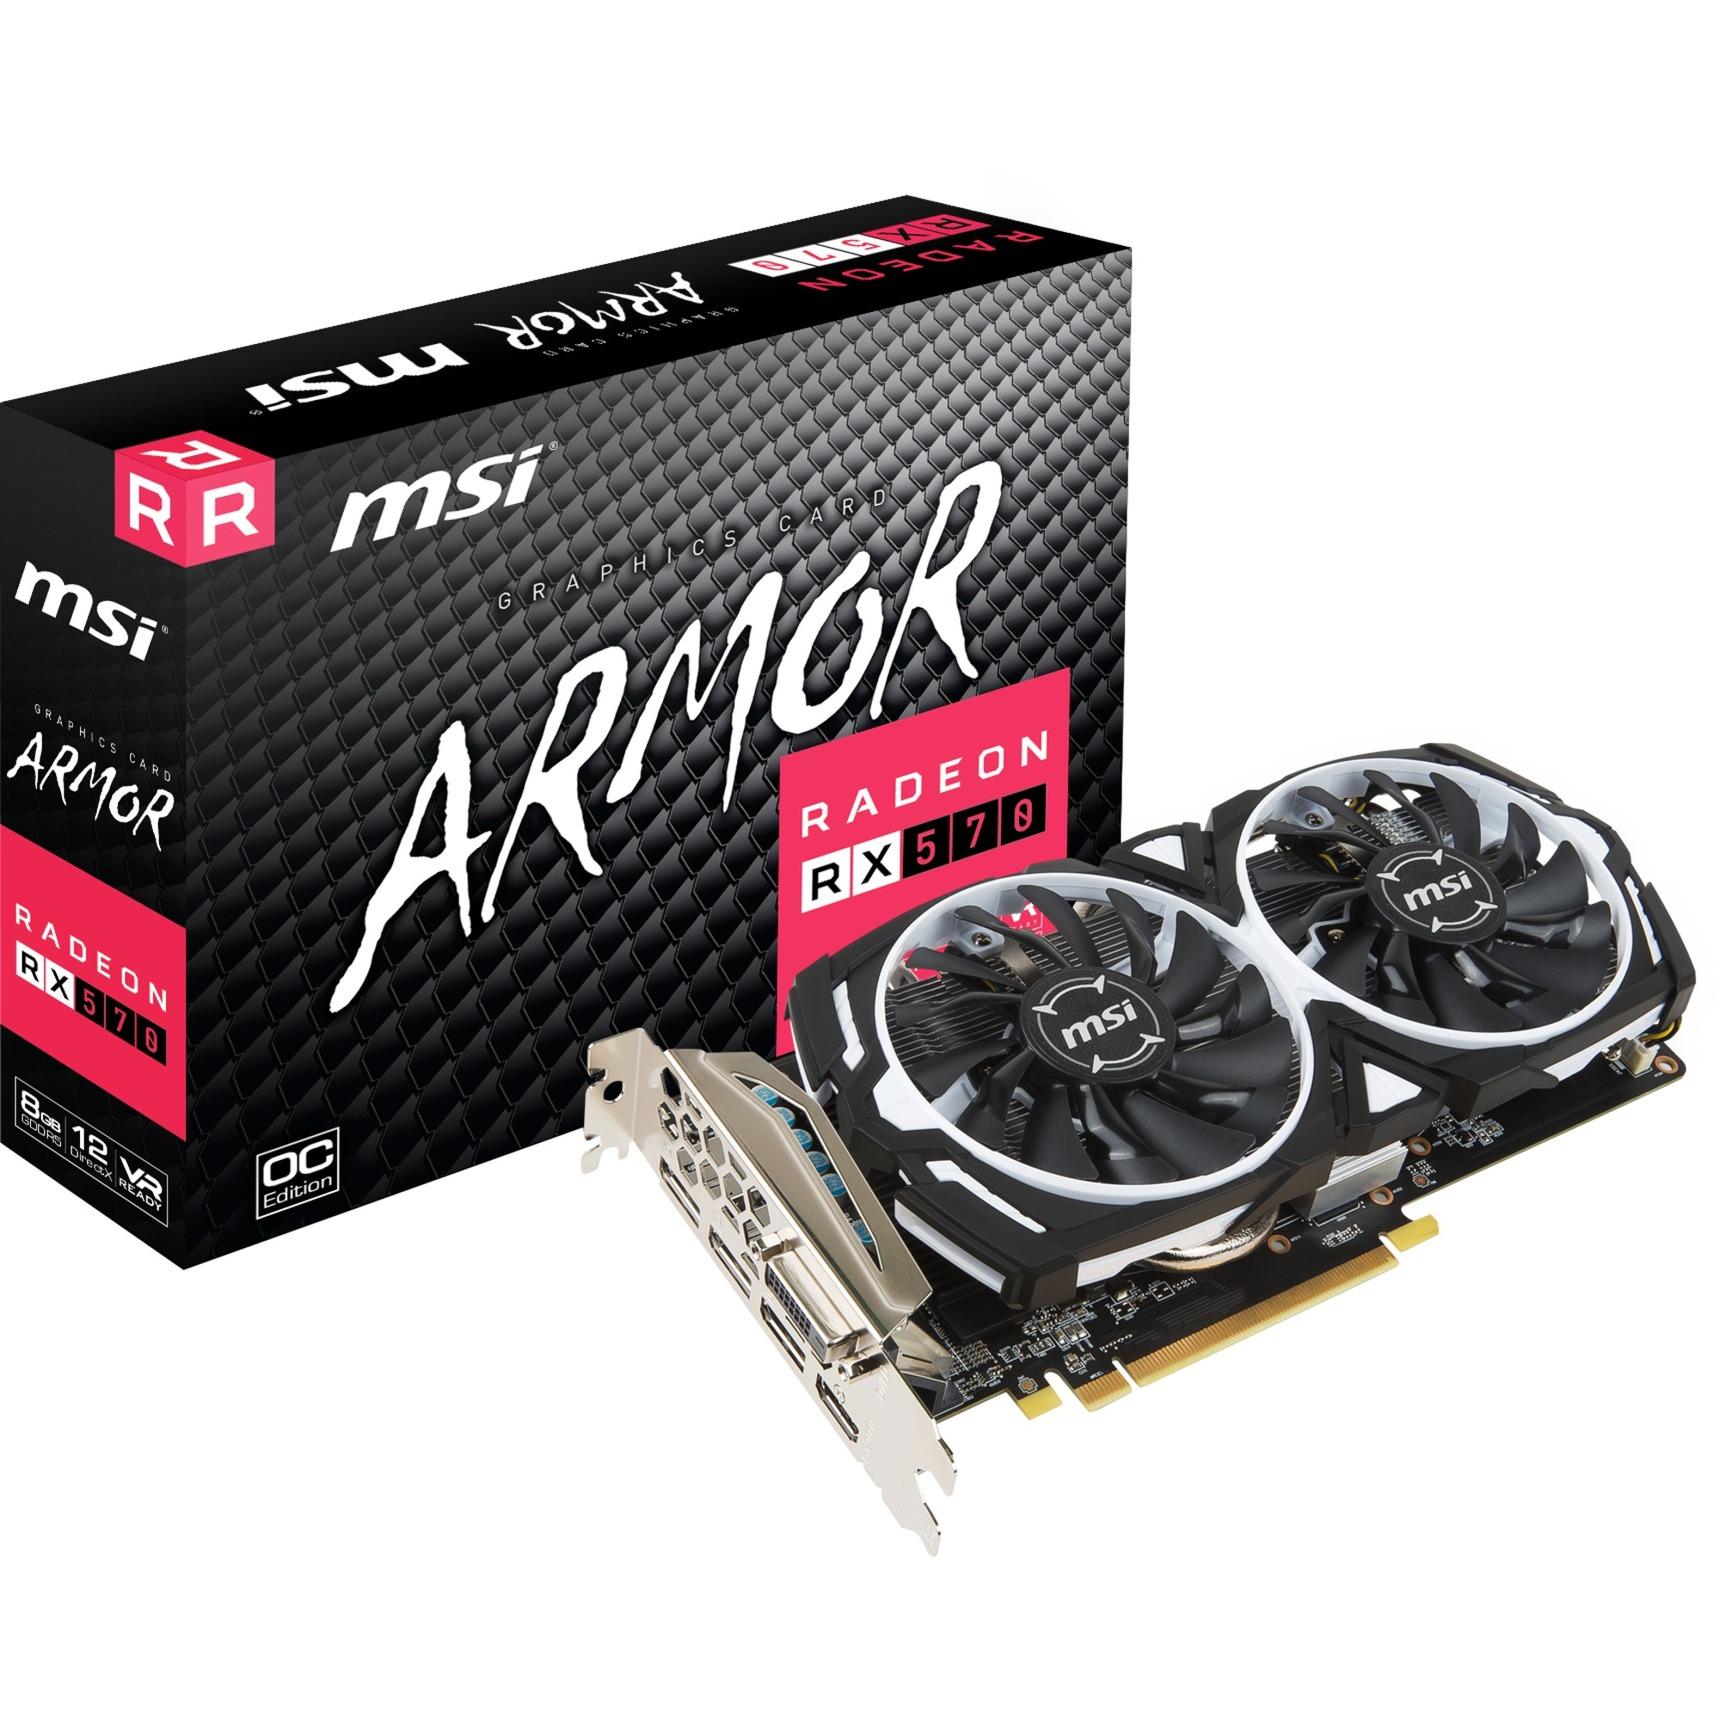 V341-236R Radeon RX 570 8Go GDDR5 carte graphique